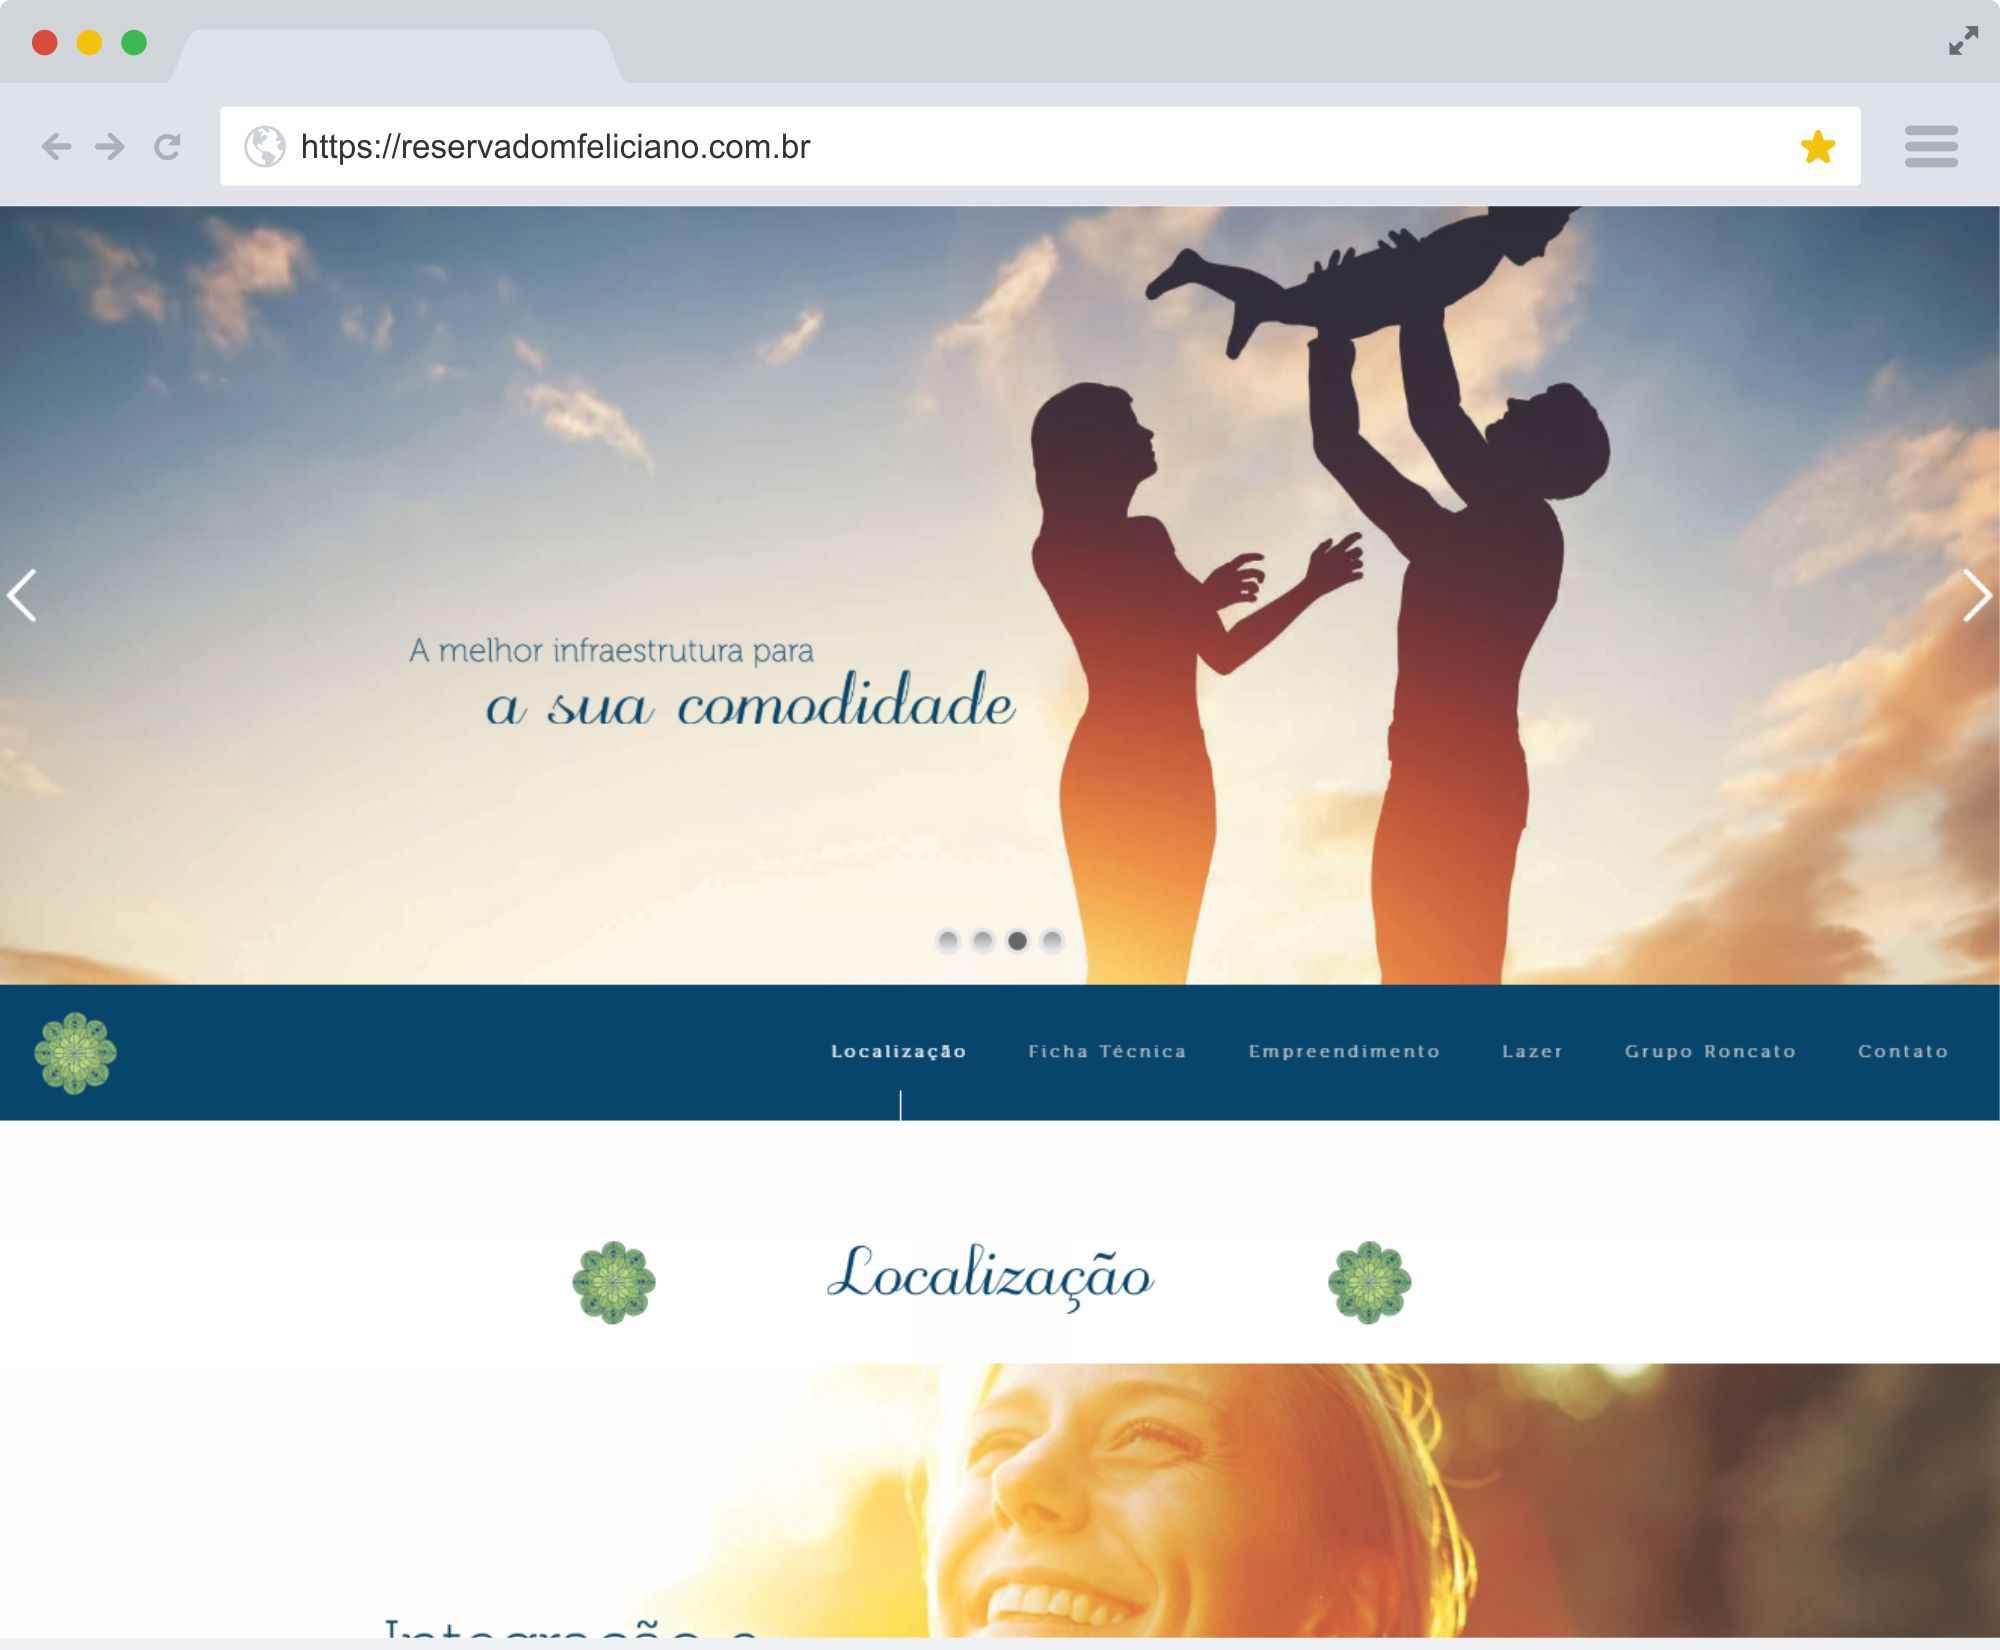 reservadomfeliciano.com.br